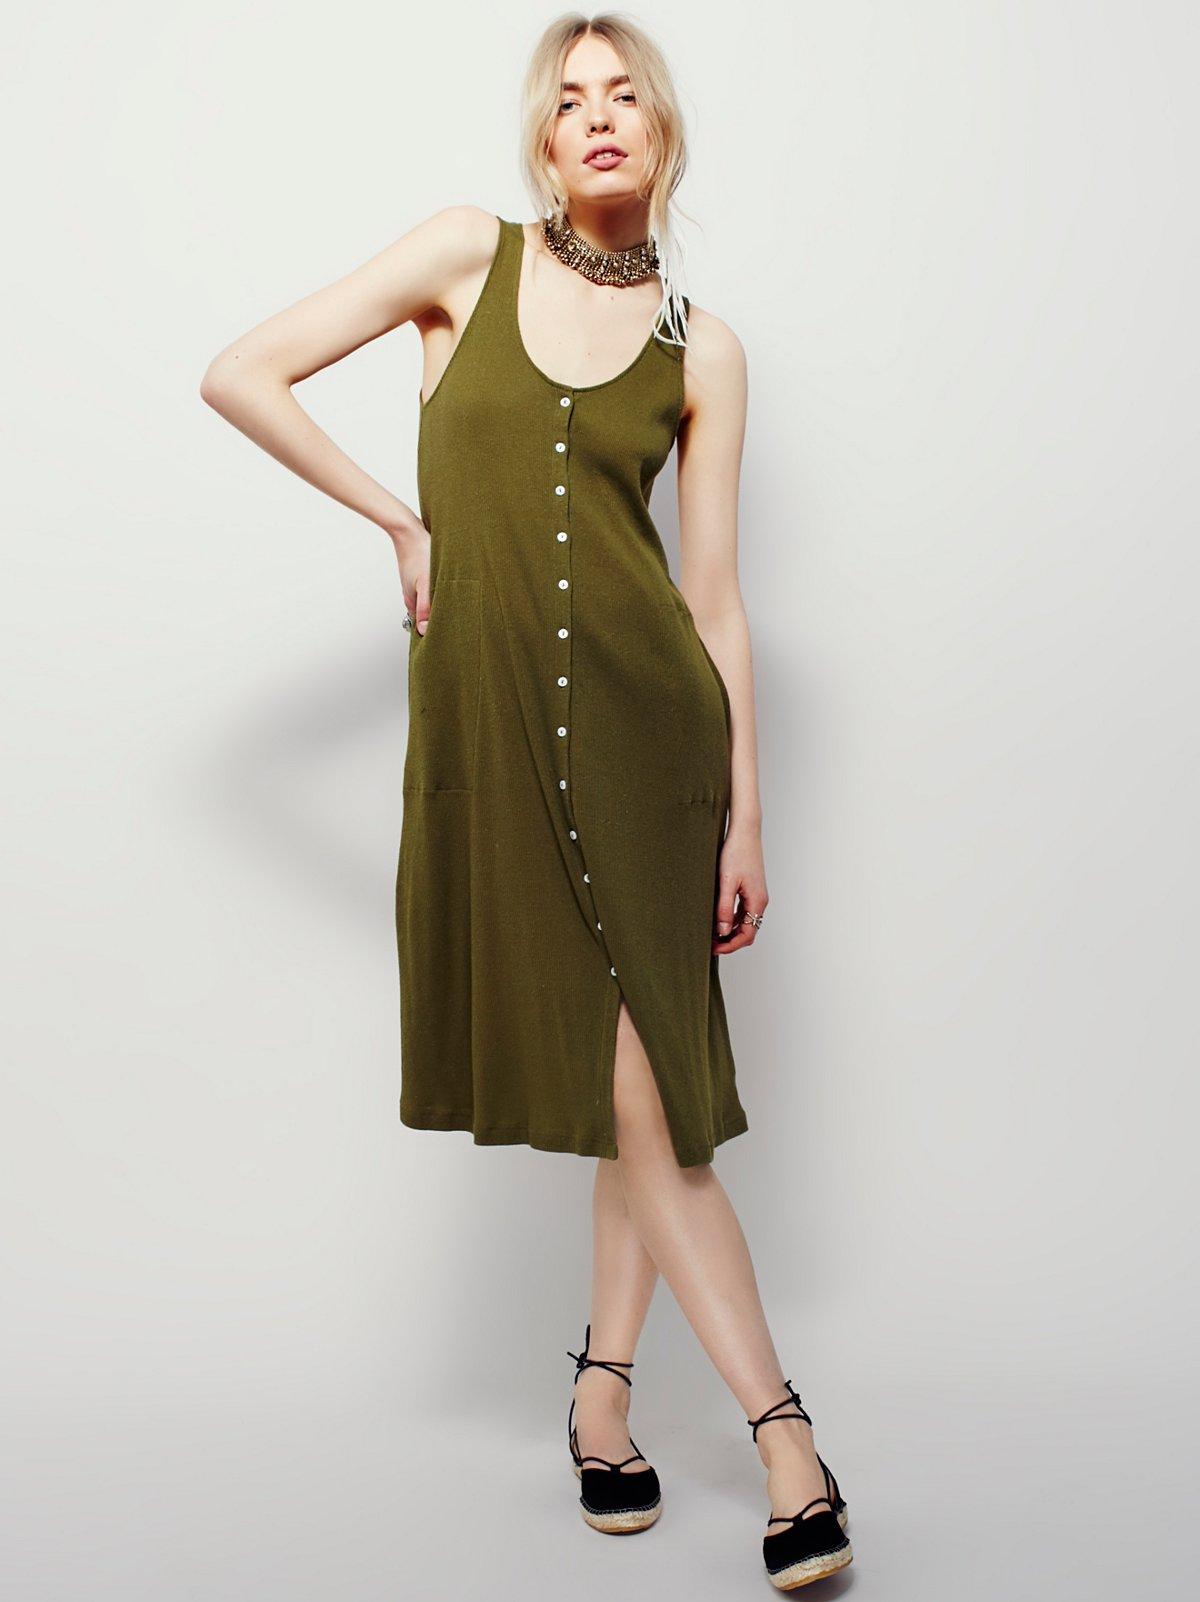 Penny Lane Dress